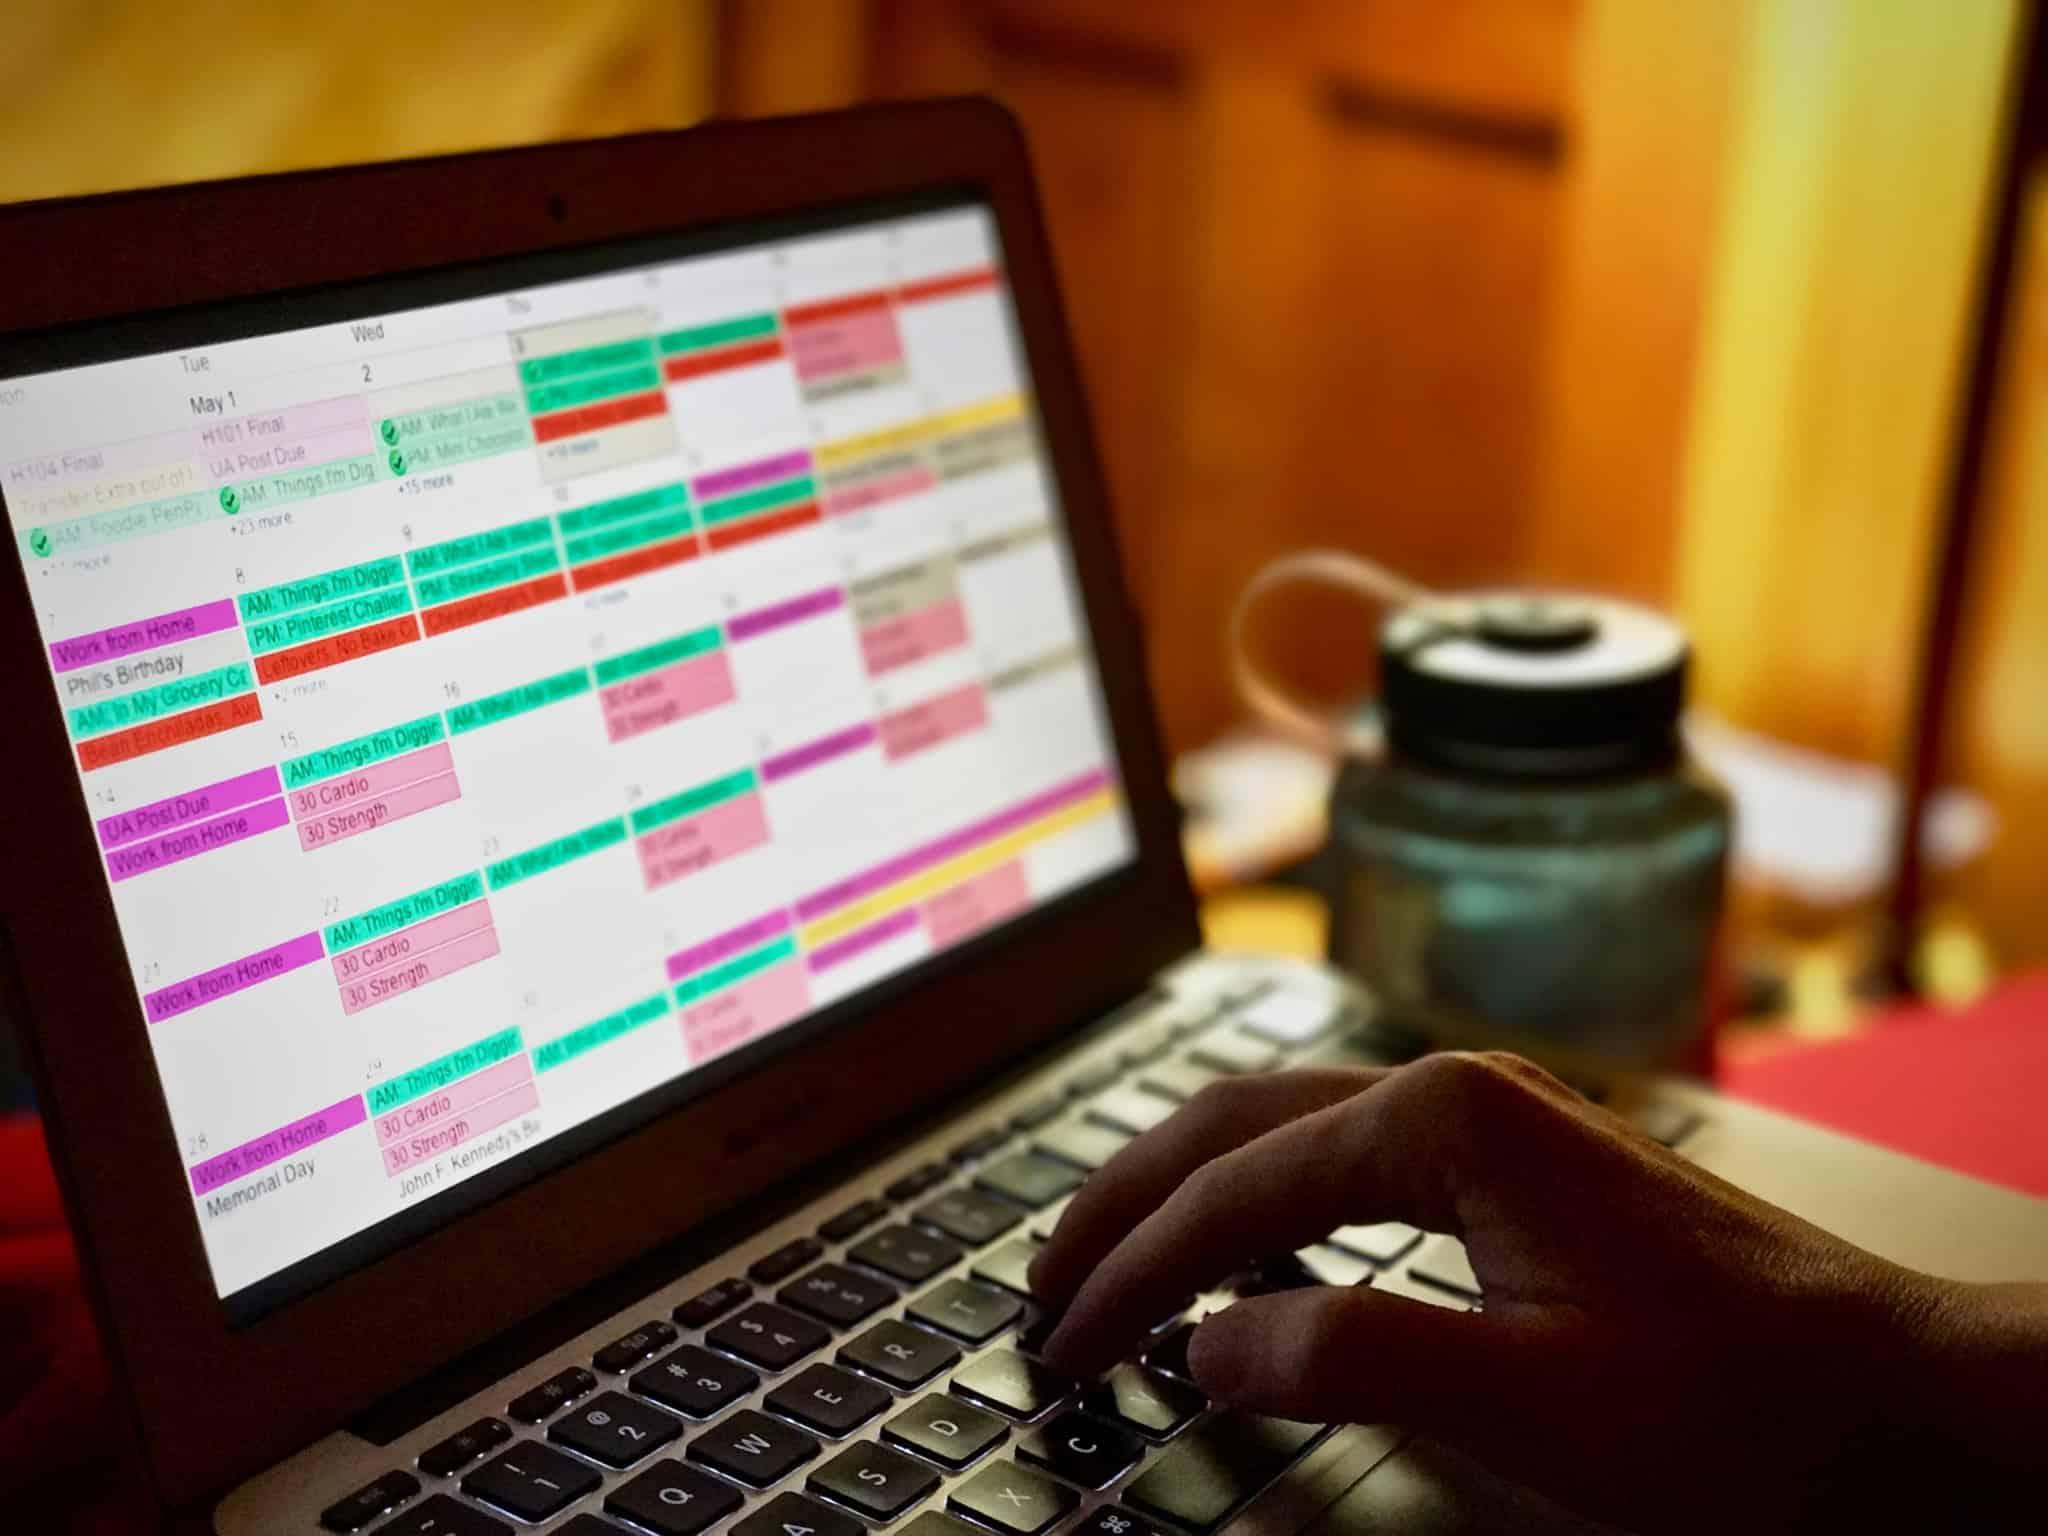 calendario online com varias tarefas